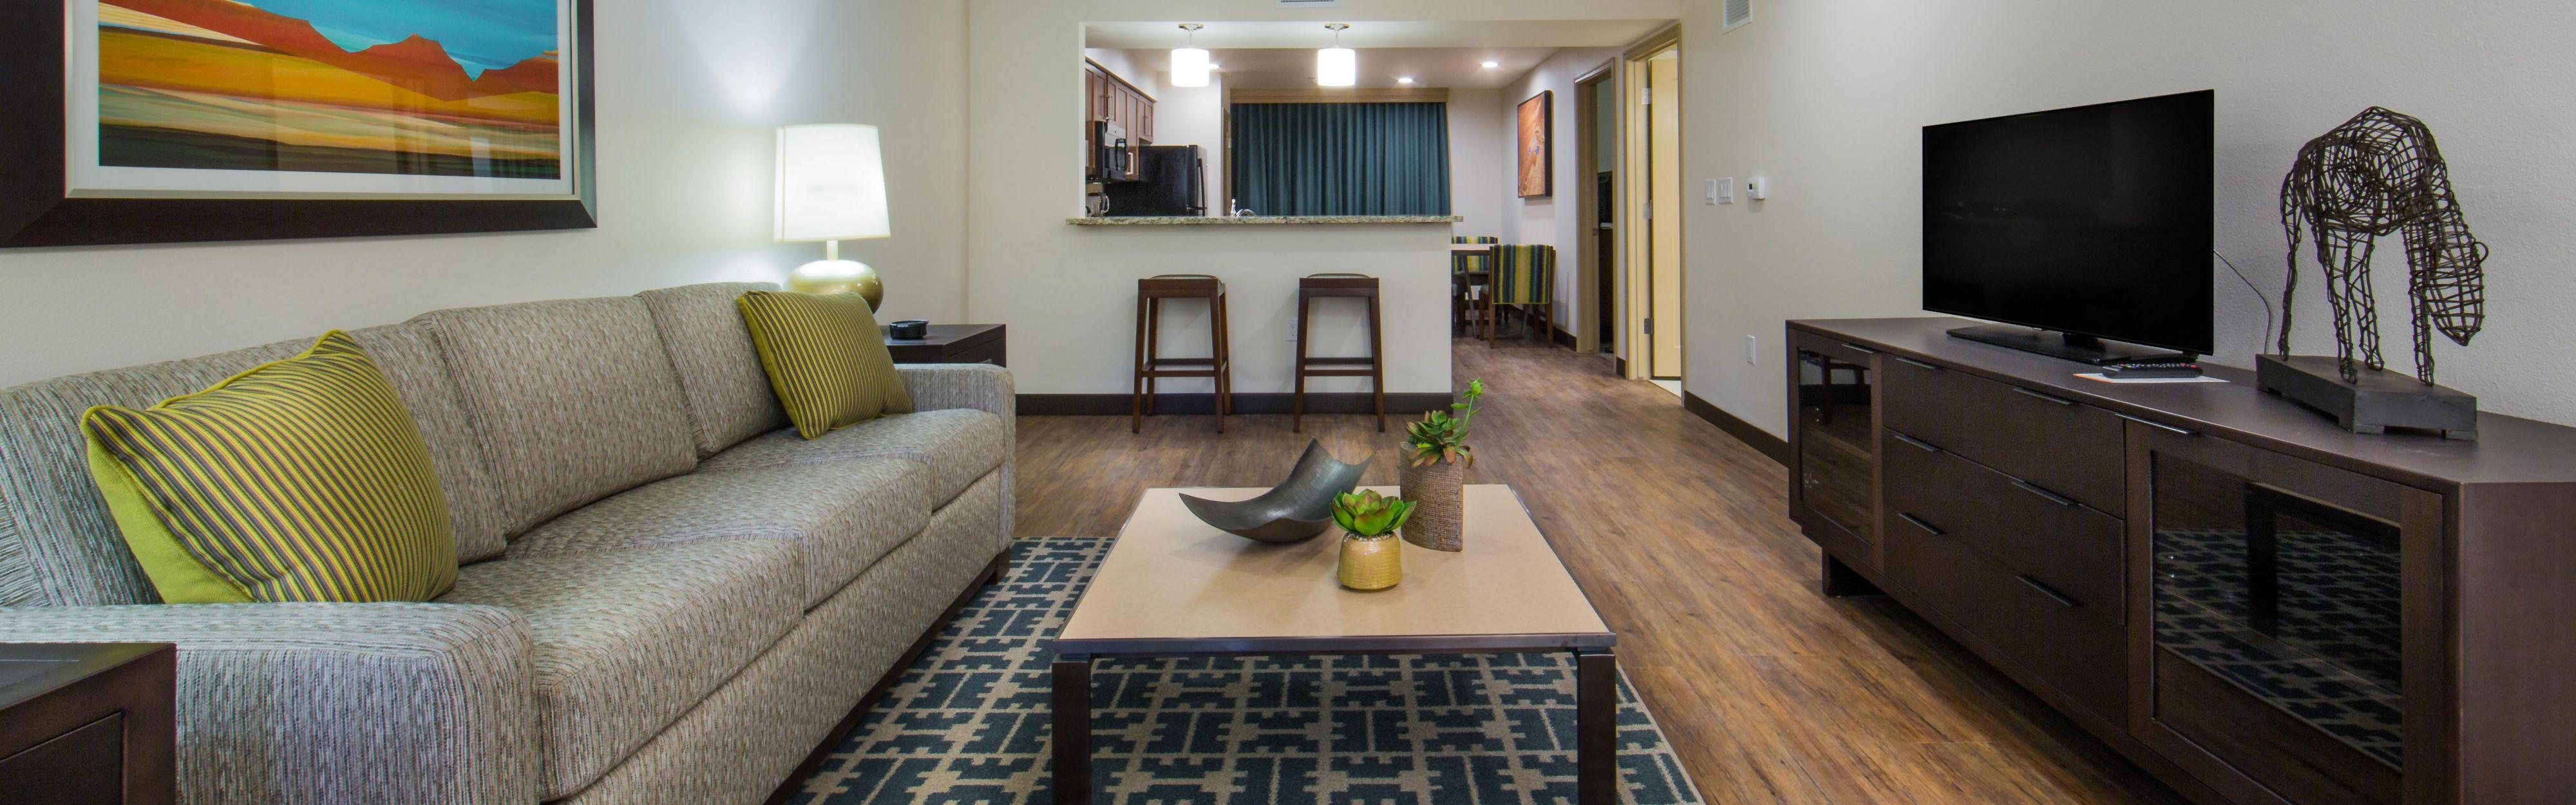 Hotels Near  N Street Scottsdale Az